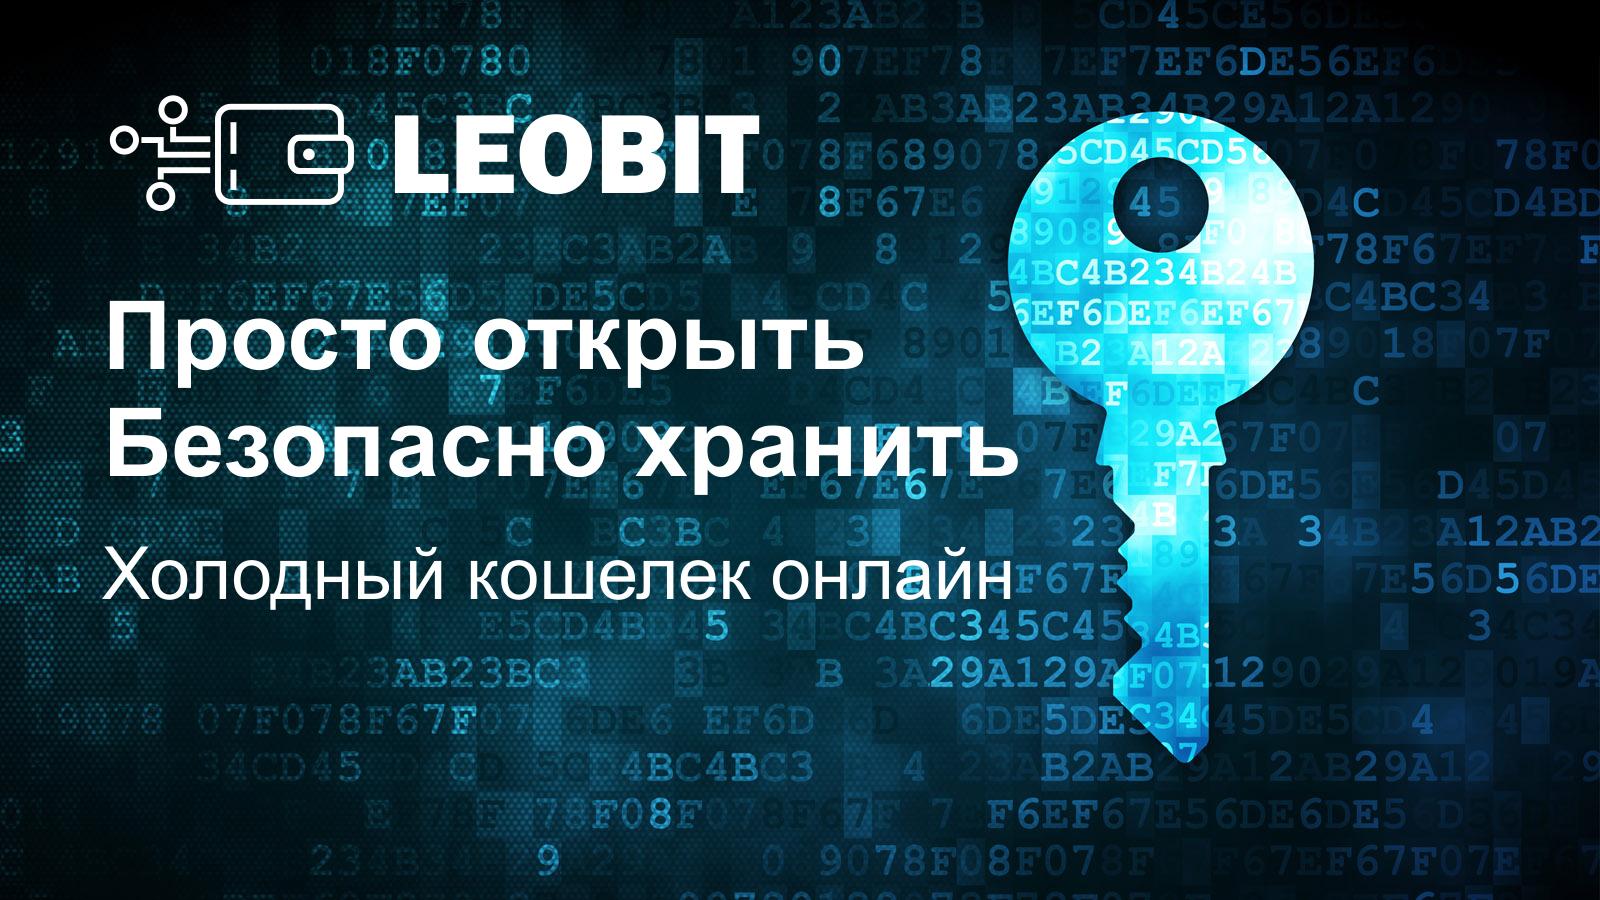 Leobit ꟷ холодный кошелёк онлайн